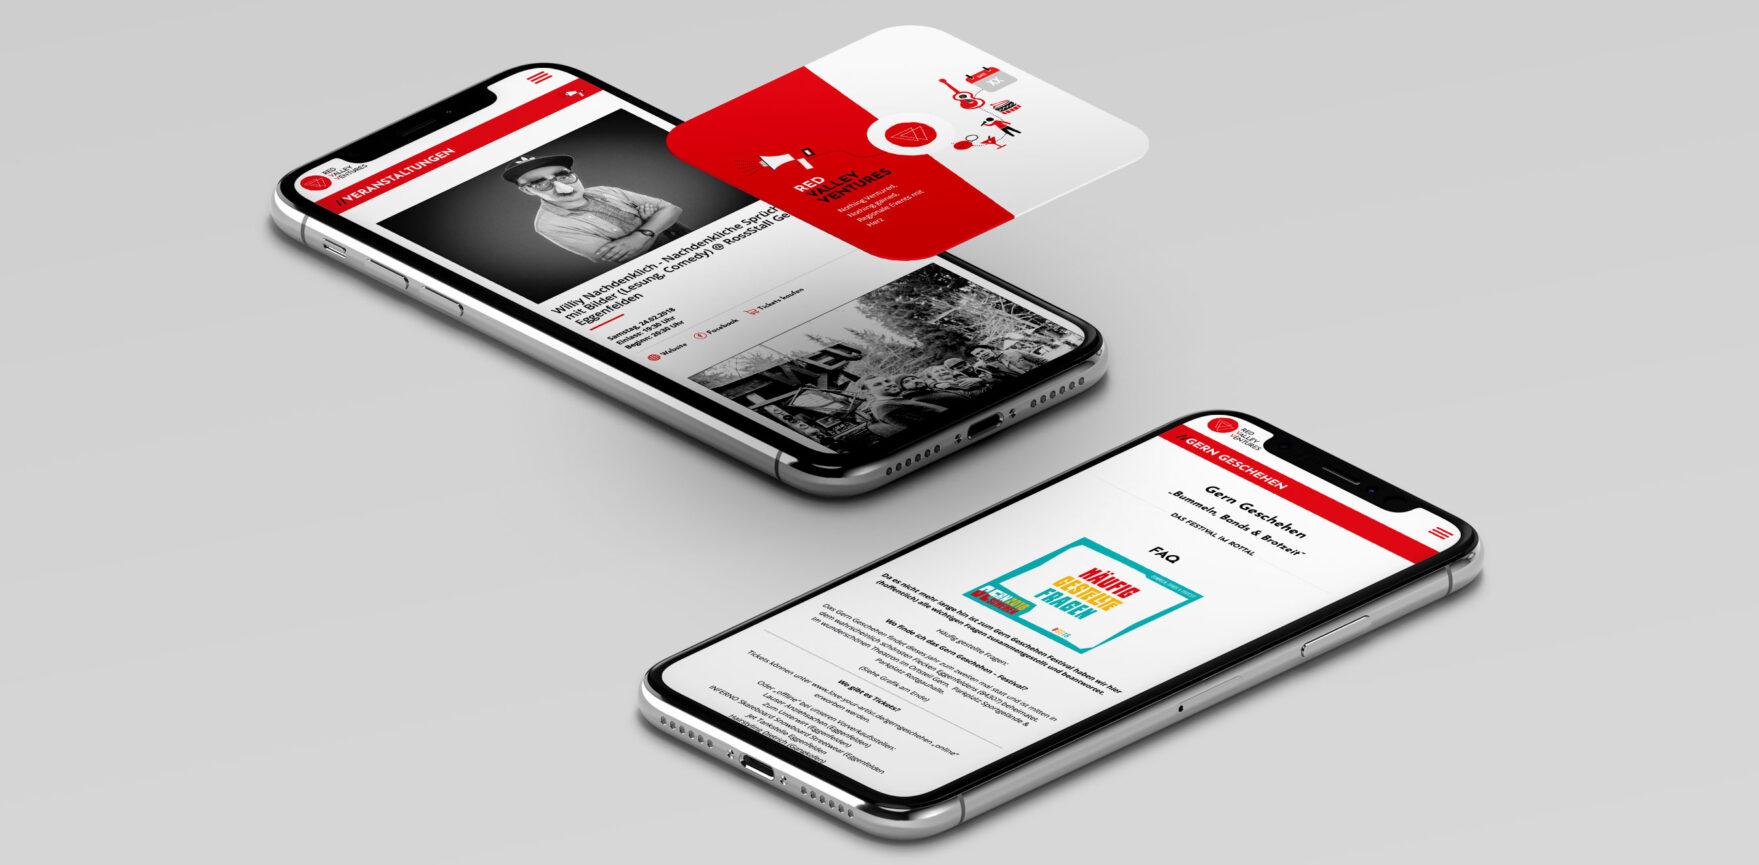 Referenz Red Valley Ventures mobiel Ansicht Website 3d Darstellung